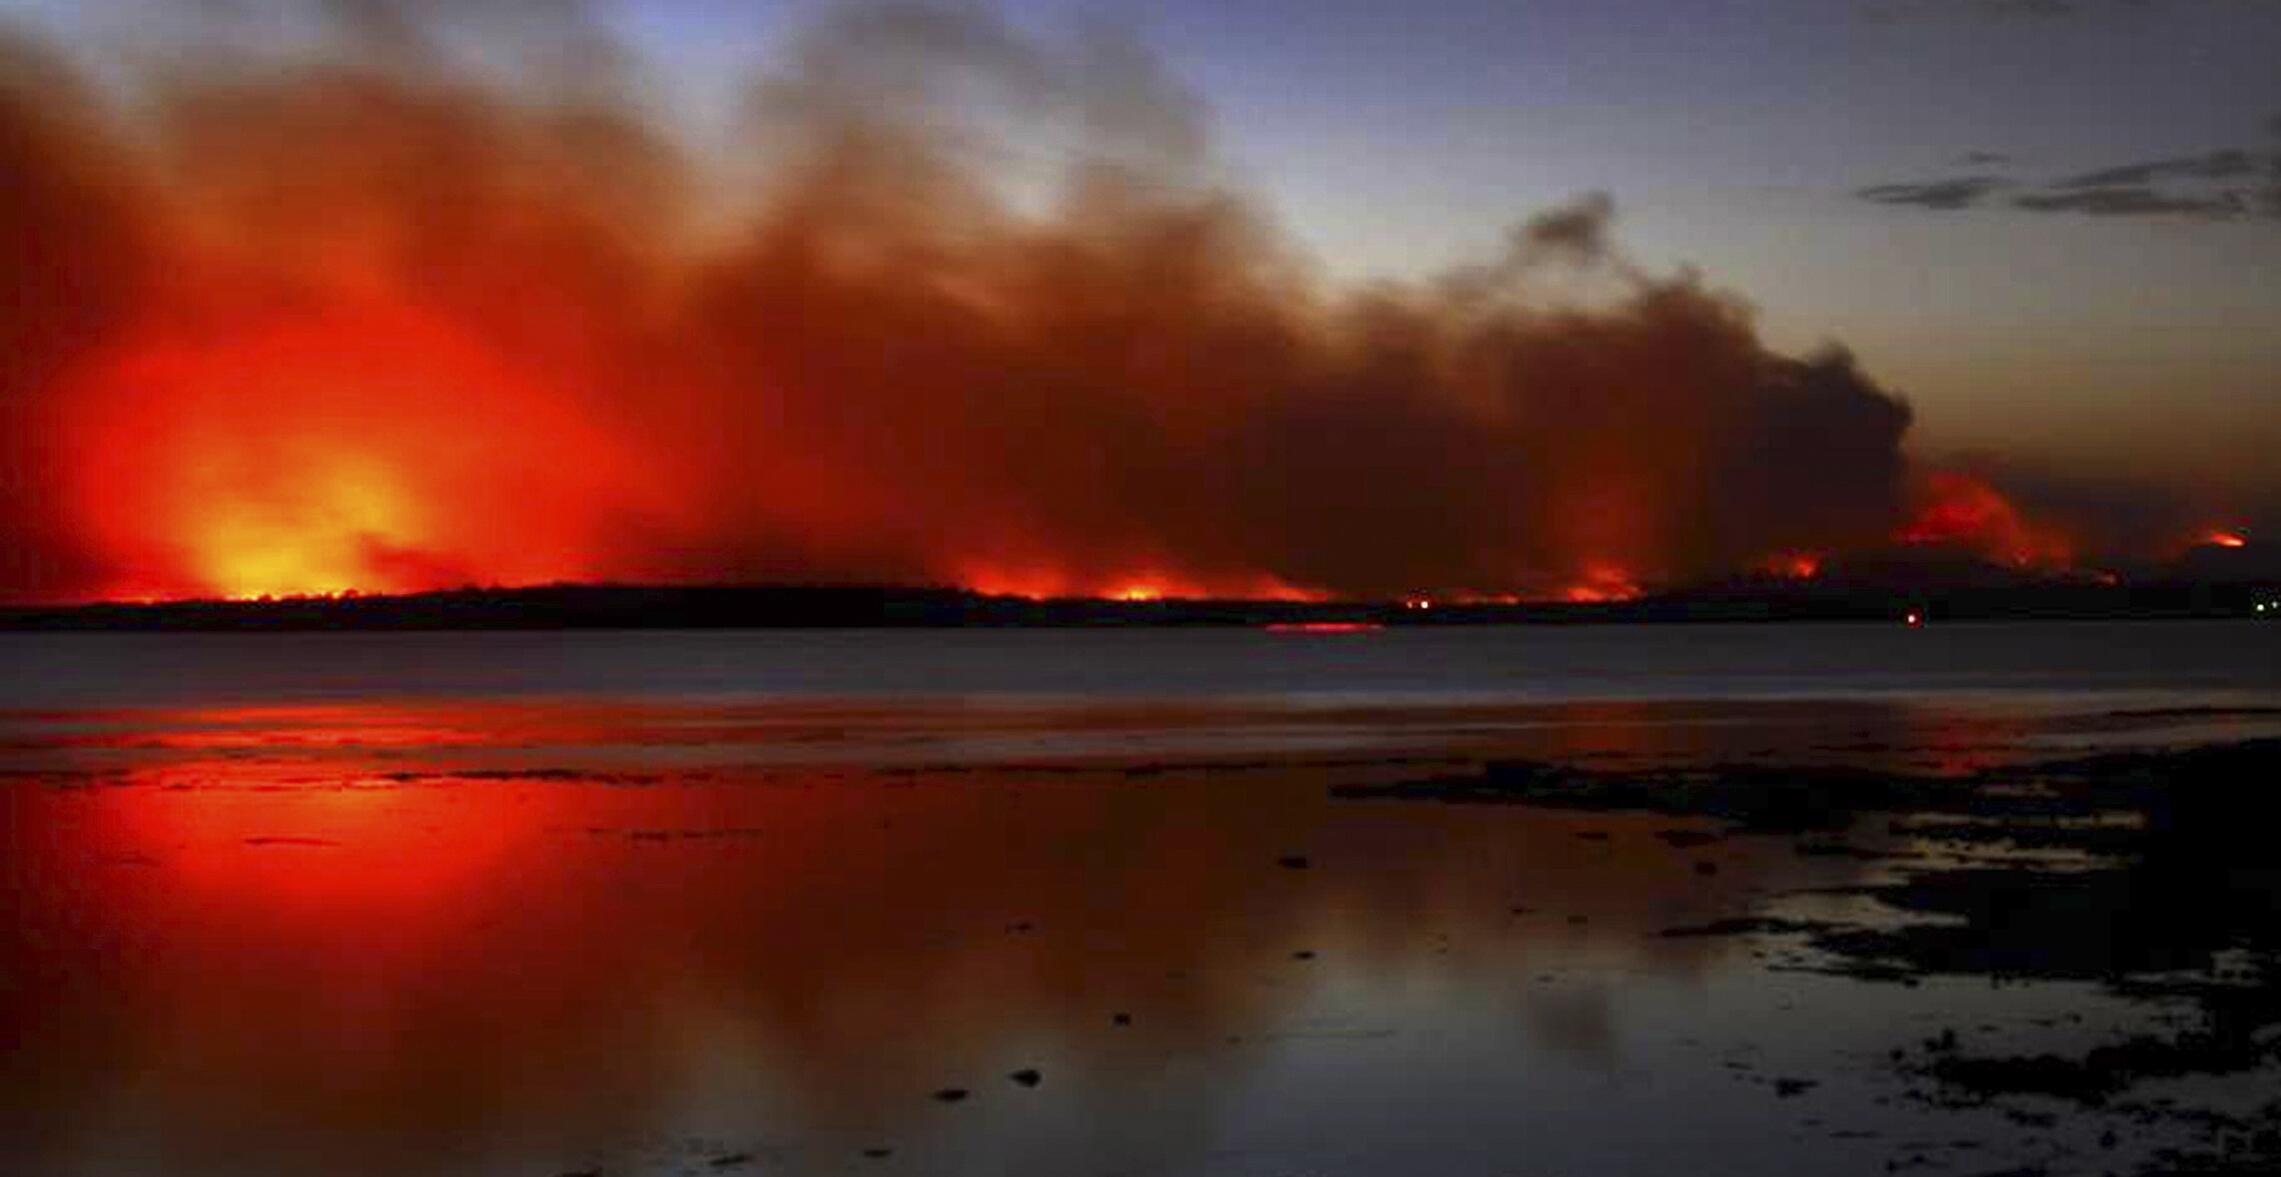 Ảnh minh họa : Cảnh hỏa hoạn cách Sydney 150 cây số, ngày 12/01/2013.